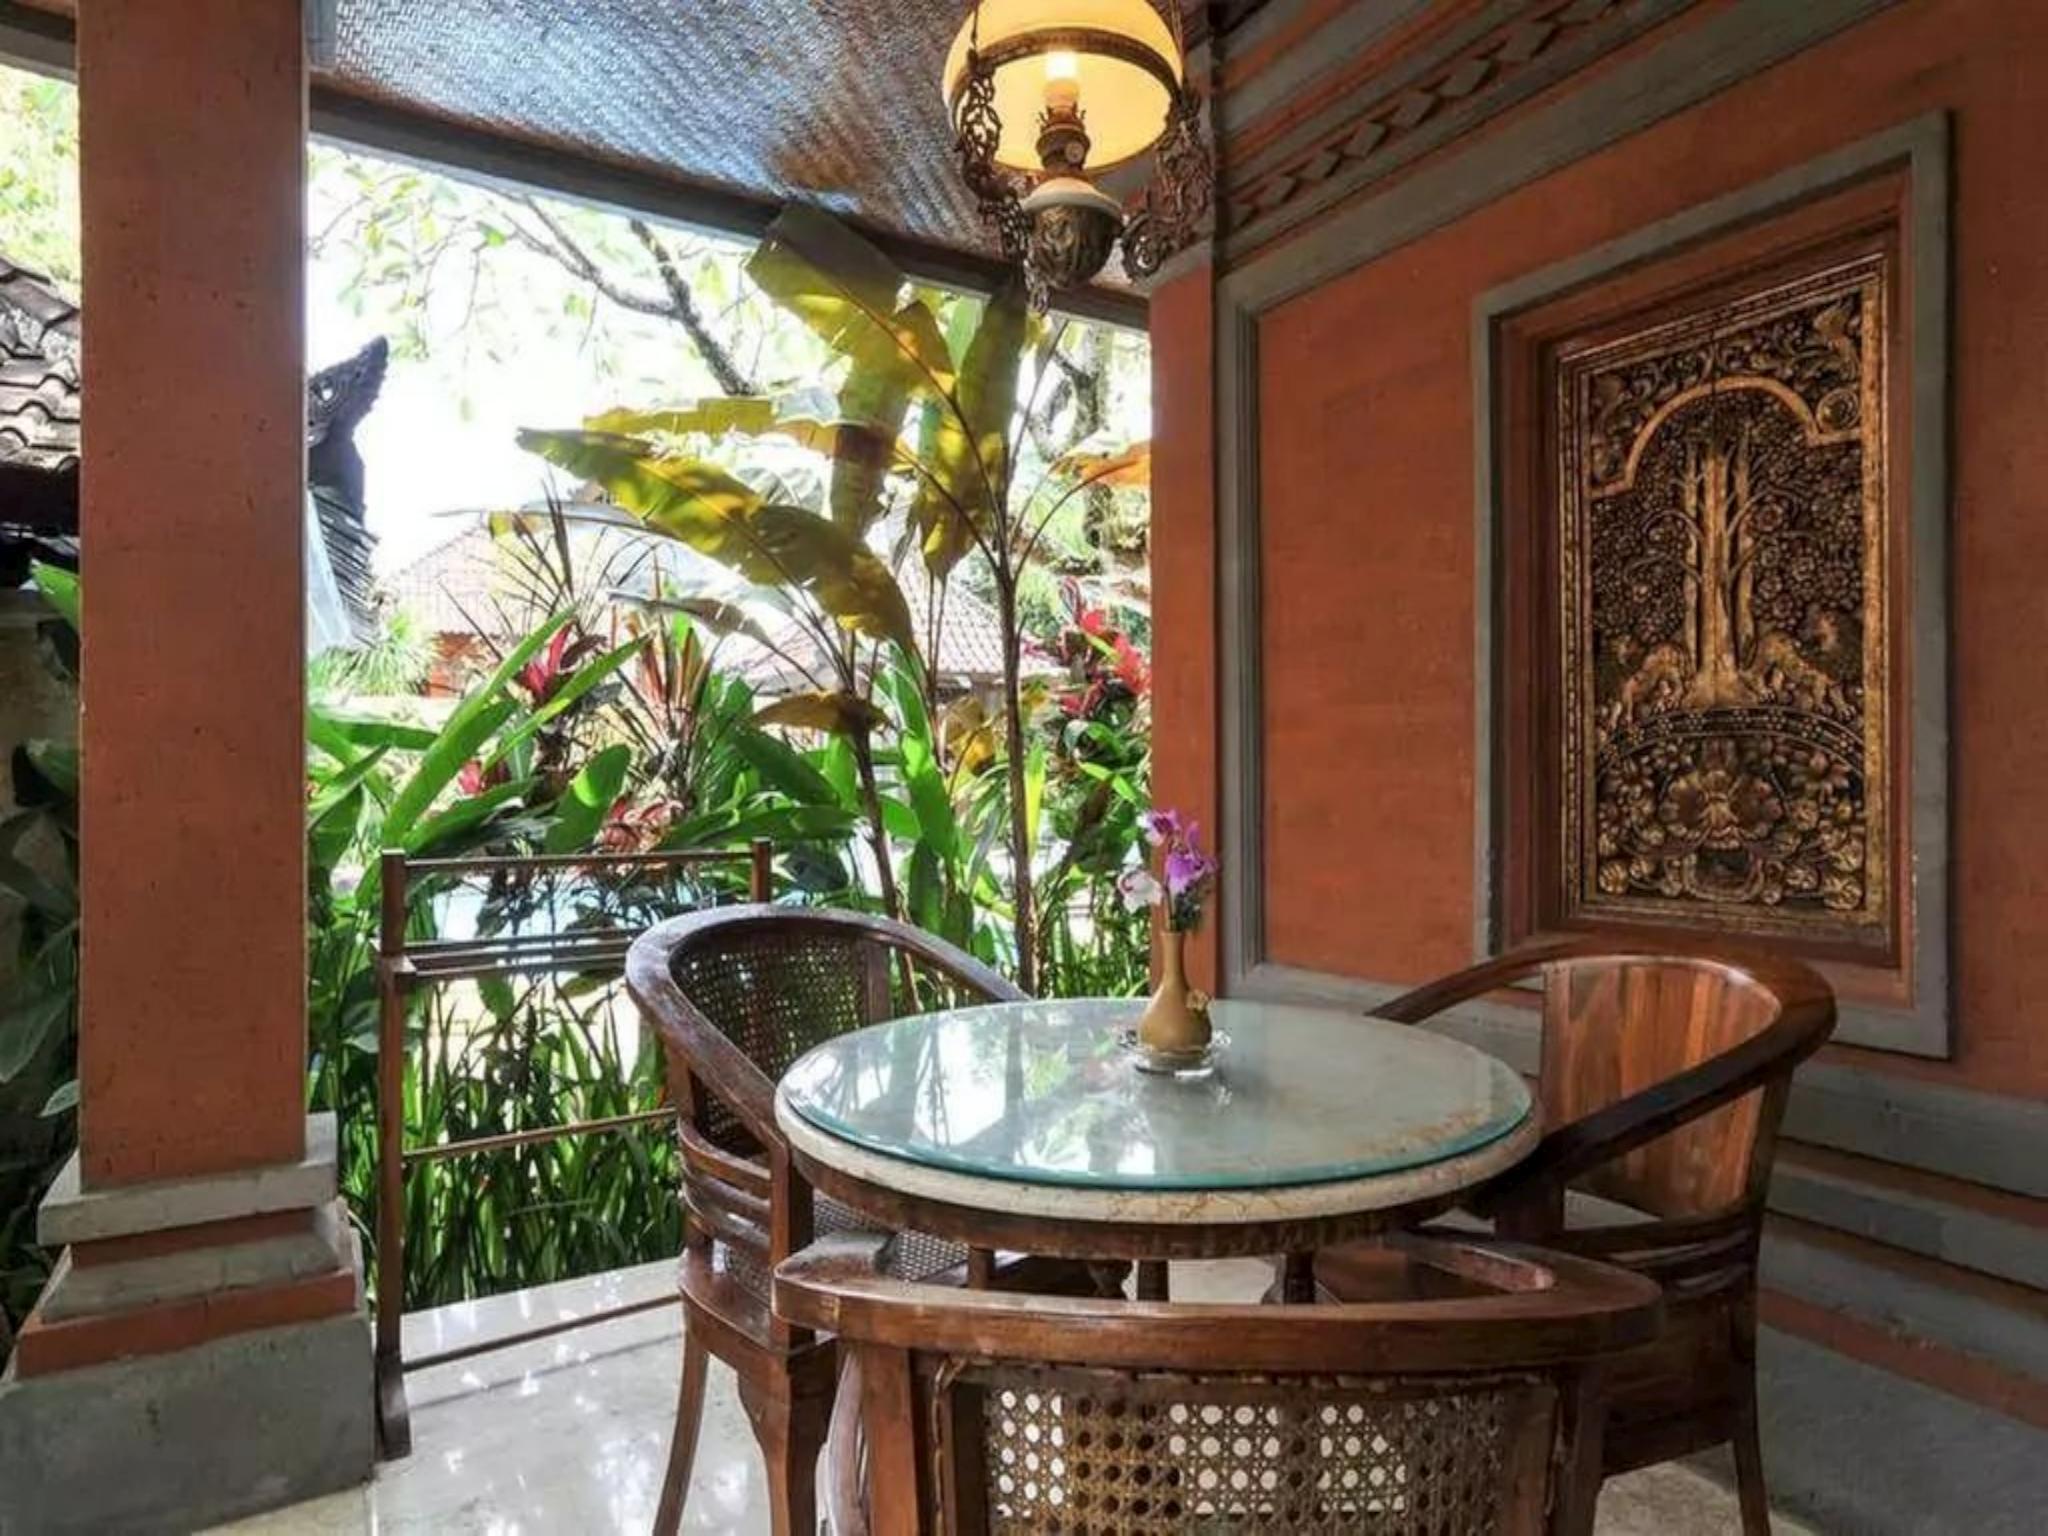 #10 Bungalows at Ubud Royal Palace